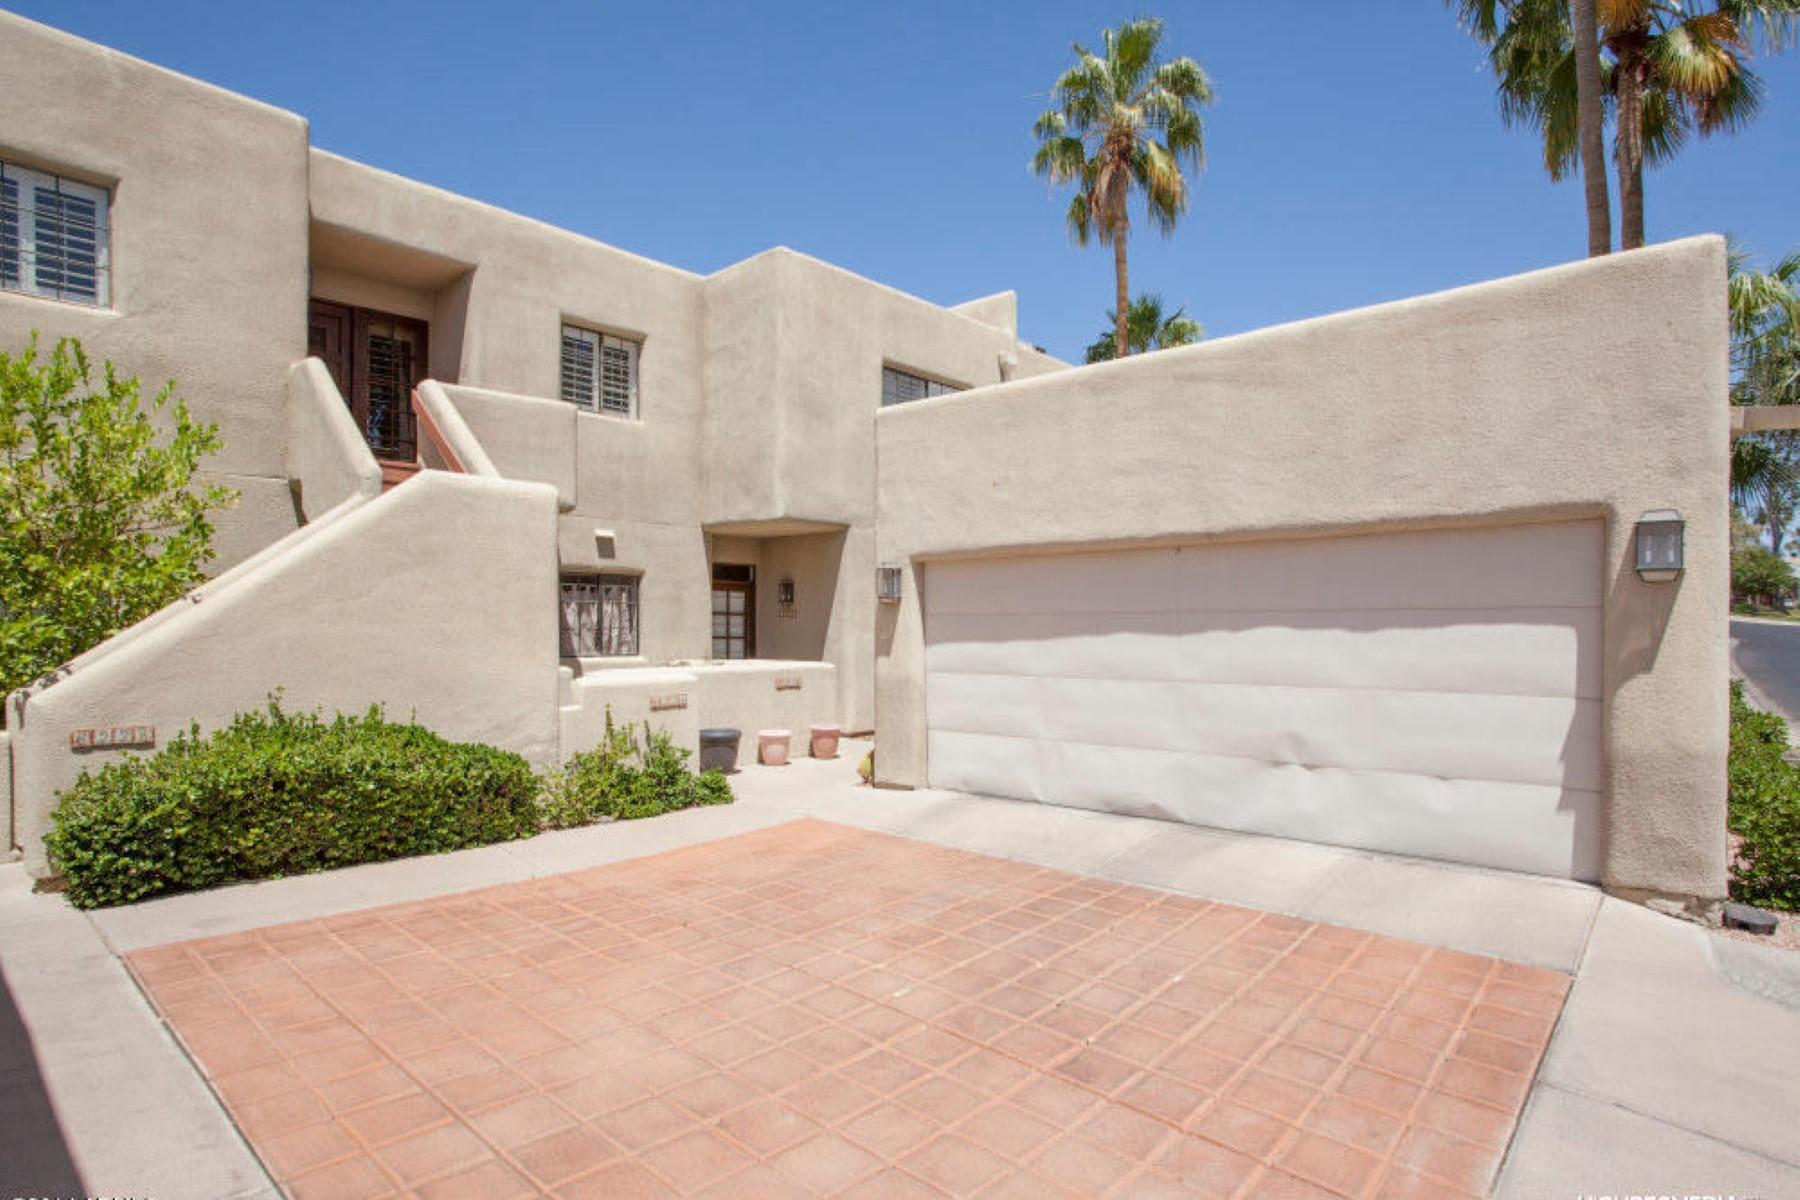 sales property at Biltmore Courts located in the prestigious Arizona Biltmore Estates Village.